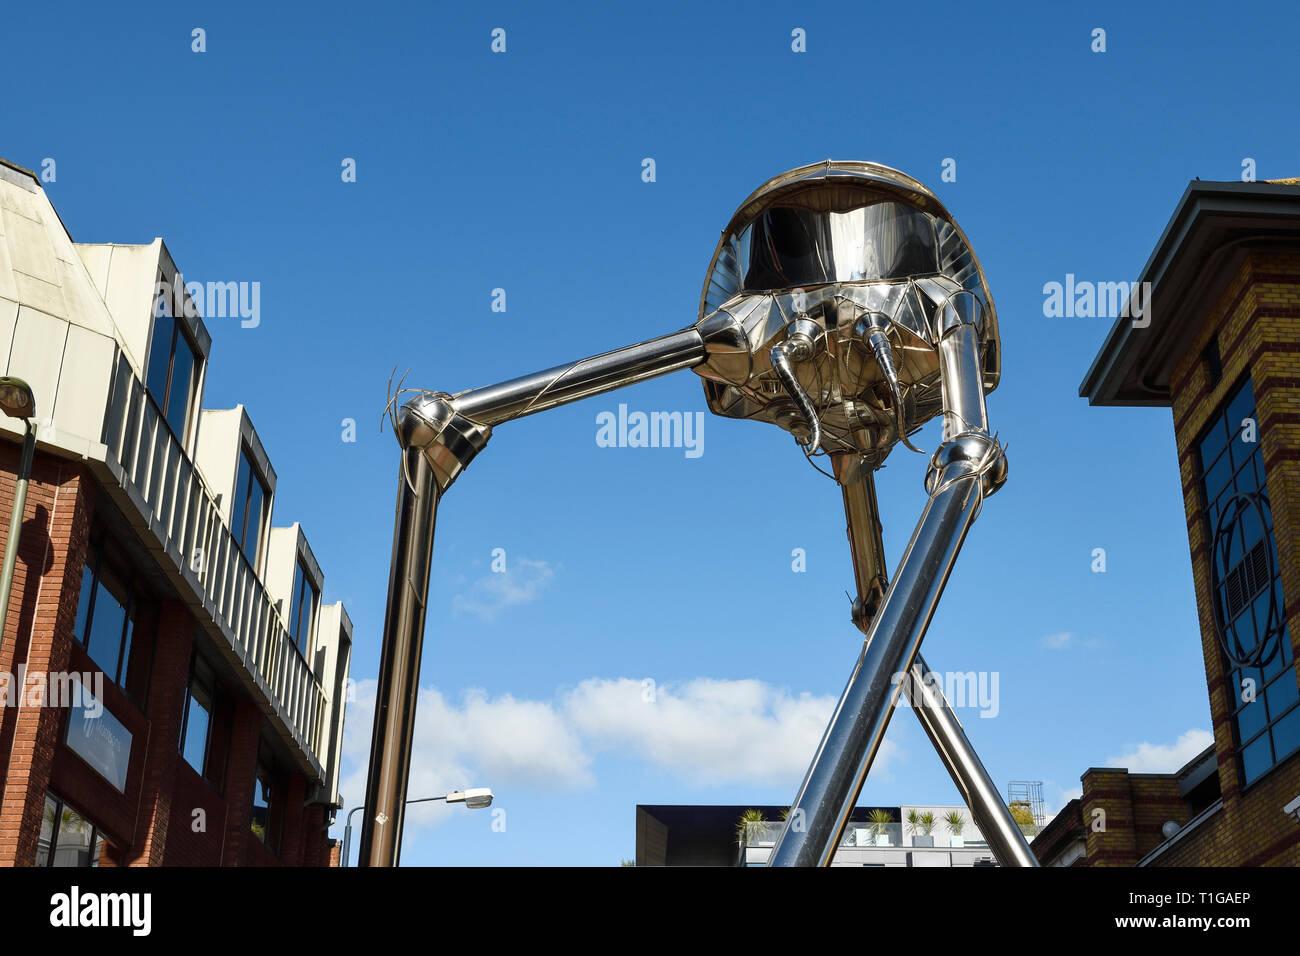 El Woking Martian trípode escultura diseñada por Michael Condron en el centro de la ciudad de Woking Surrey, Reino Unido Foto de stock